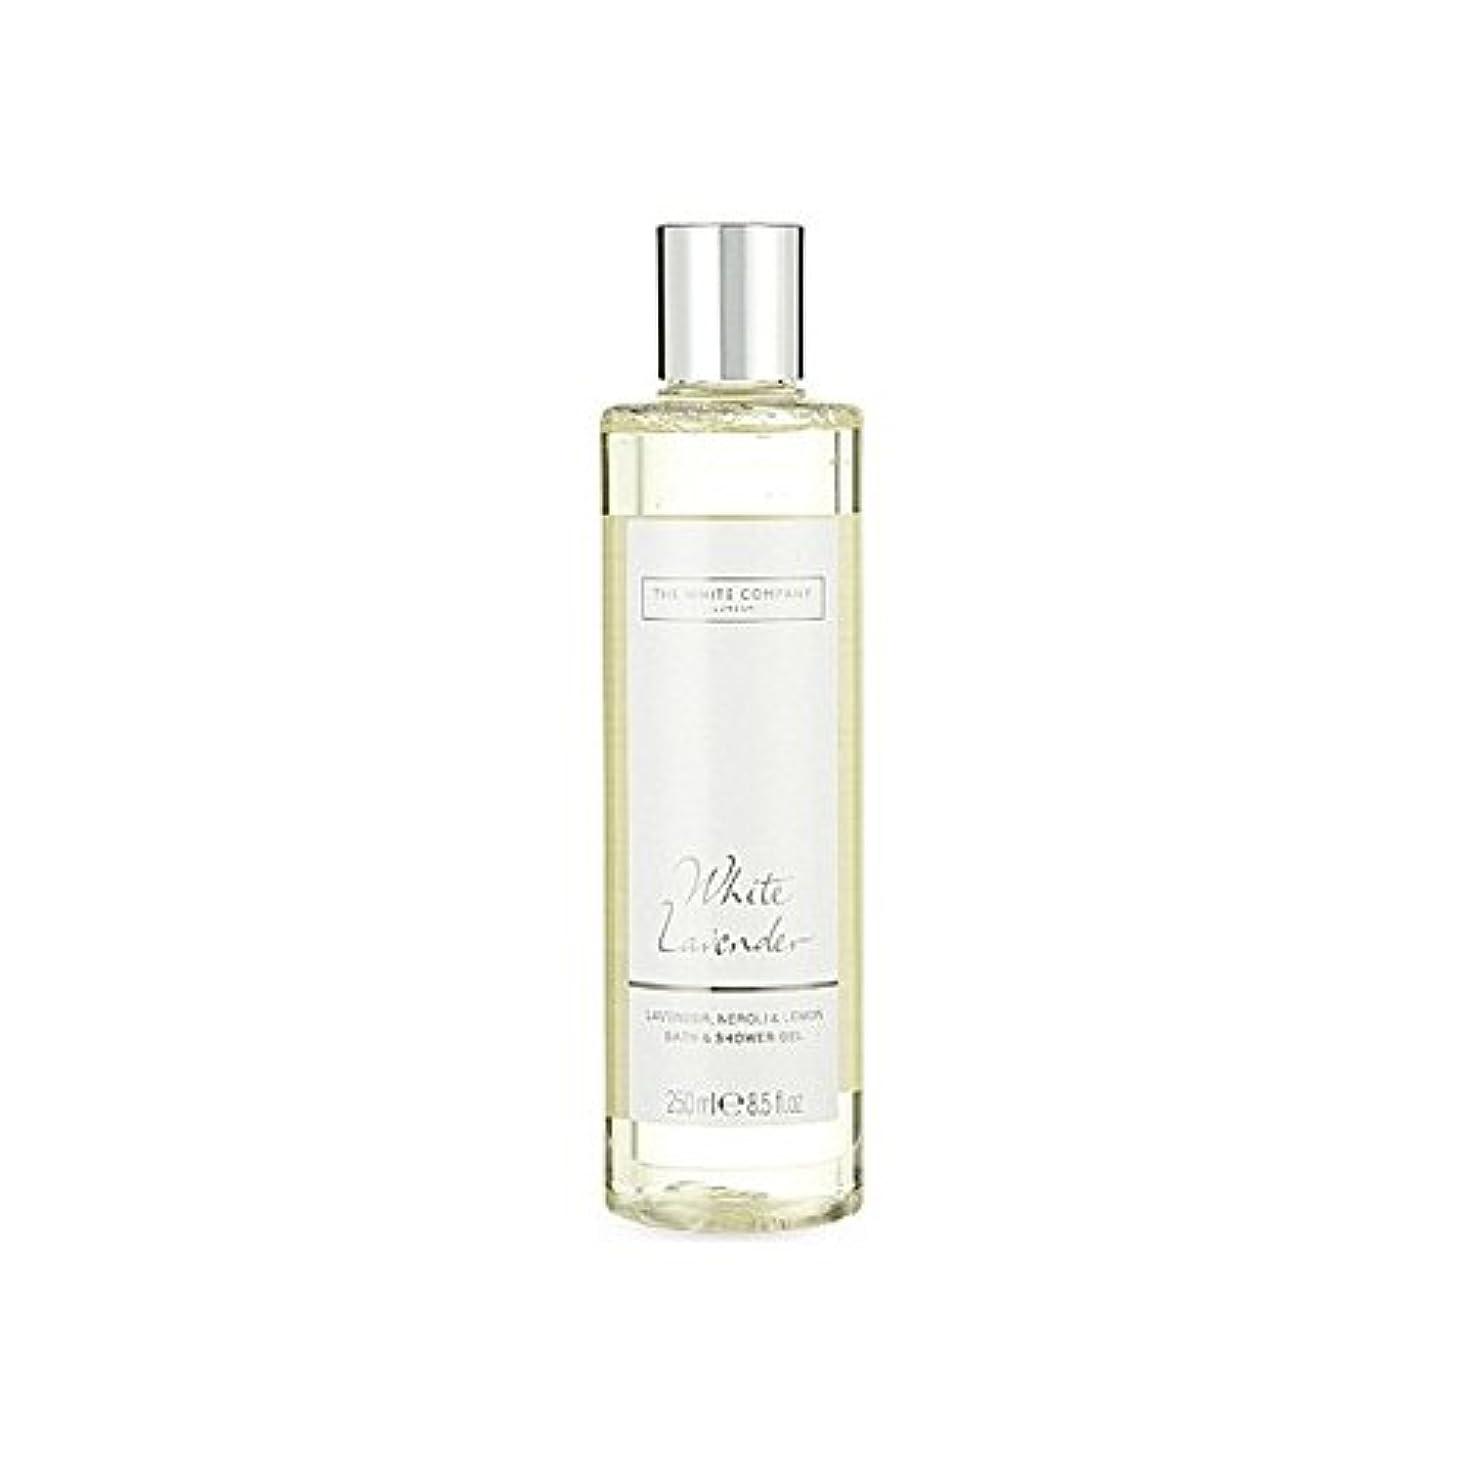 顕著死すべき頼む白同社白ラベンダーのバス&シャワージェル x2 - The White Company White Lavender Bath & Shower Gel (Pack of 2) [並行輸入品]